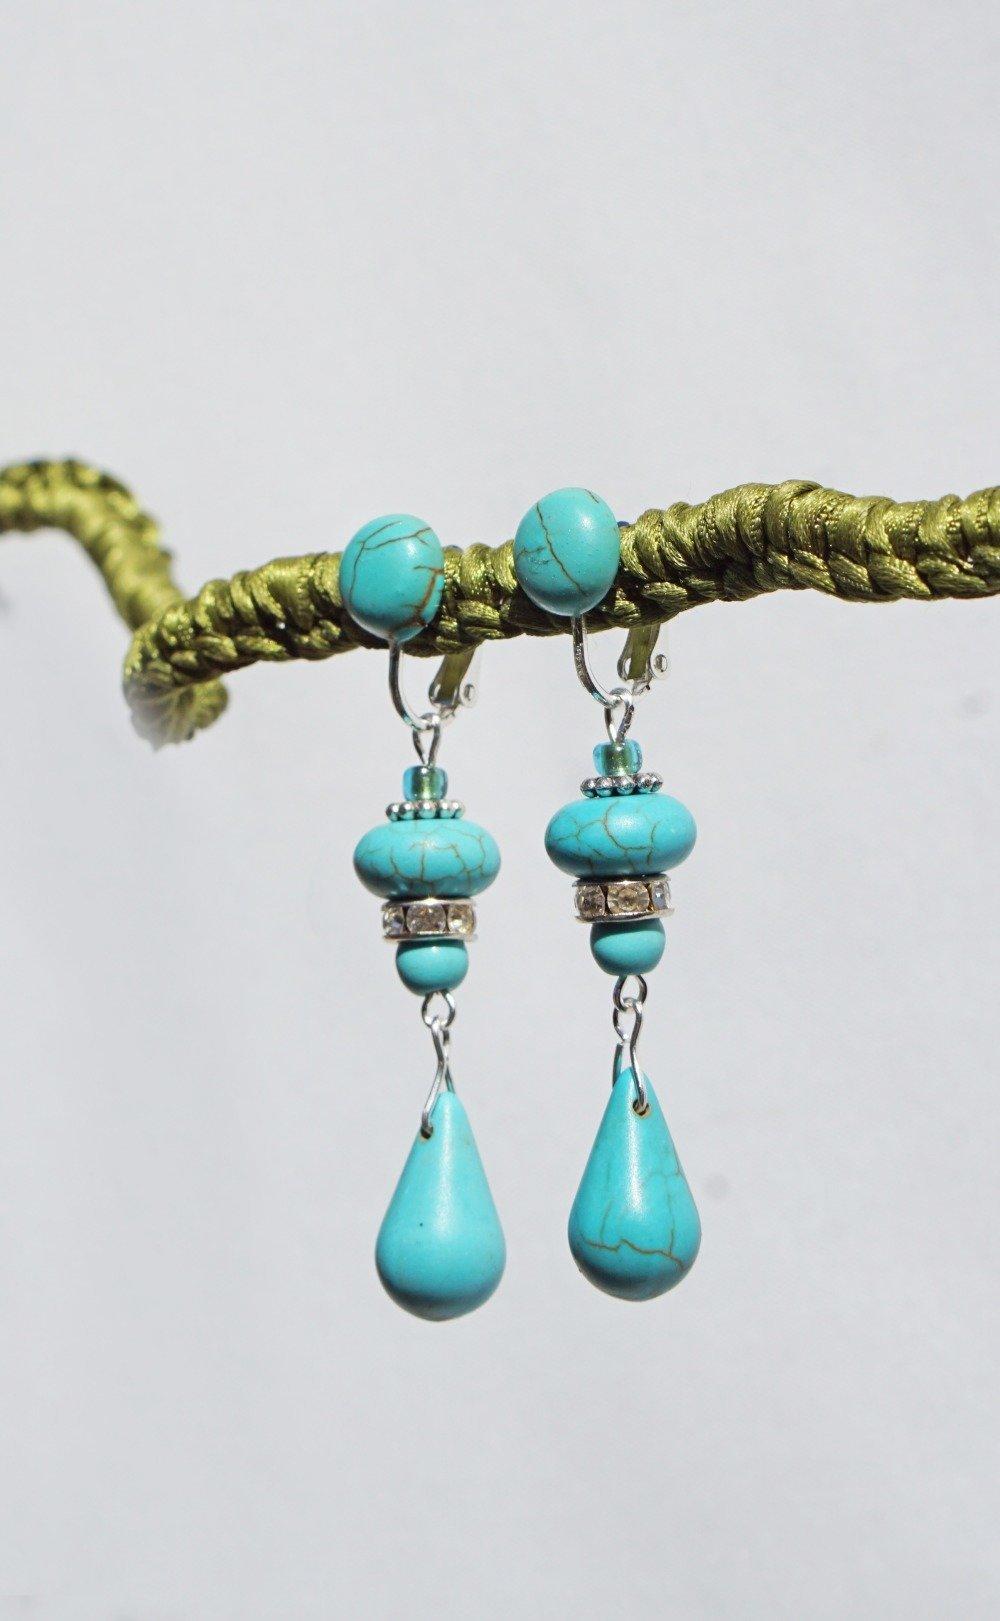 CLIP Boucles d'oreilles clips Turquoise & Argenté Strass Bijoux Créateur Création Française